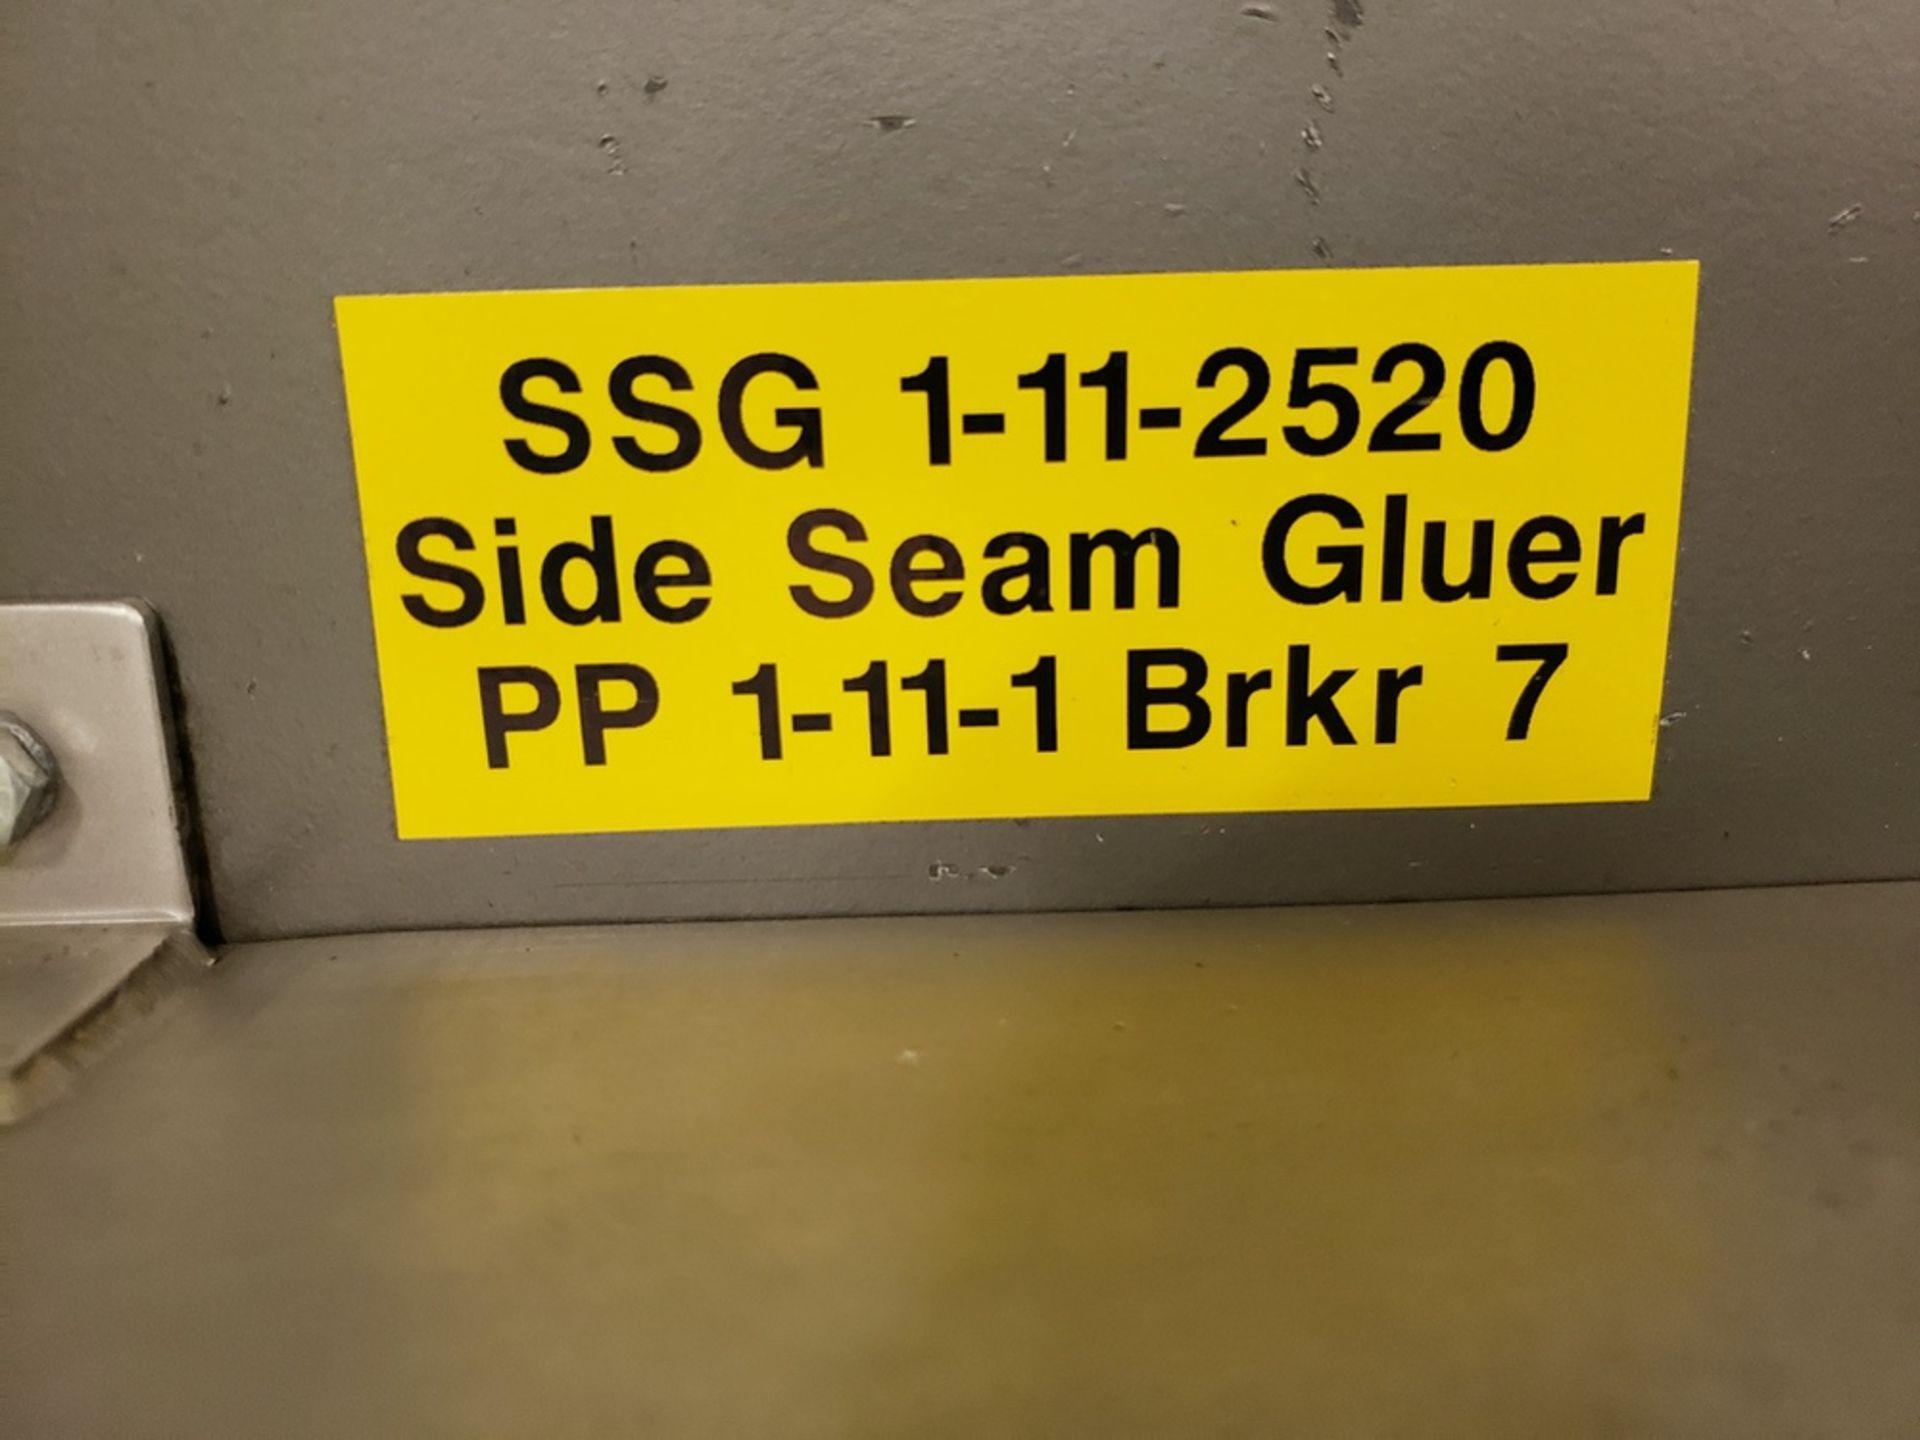 Lot 108 - F.N.Smith Side Seam Gluer, M# 21442, S/N 0927-0000-001 | Rig Fee: $600